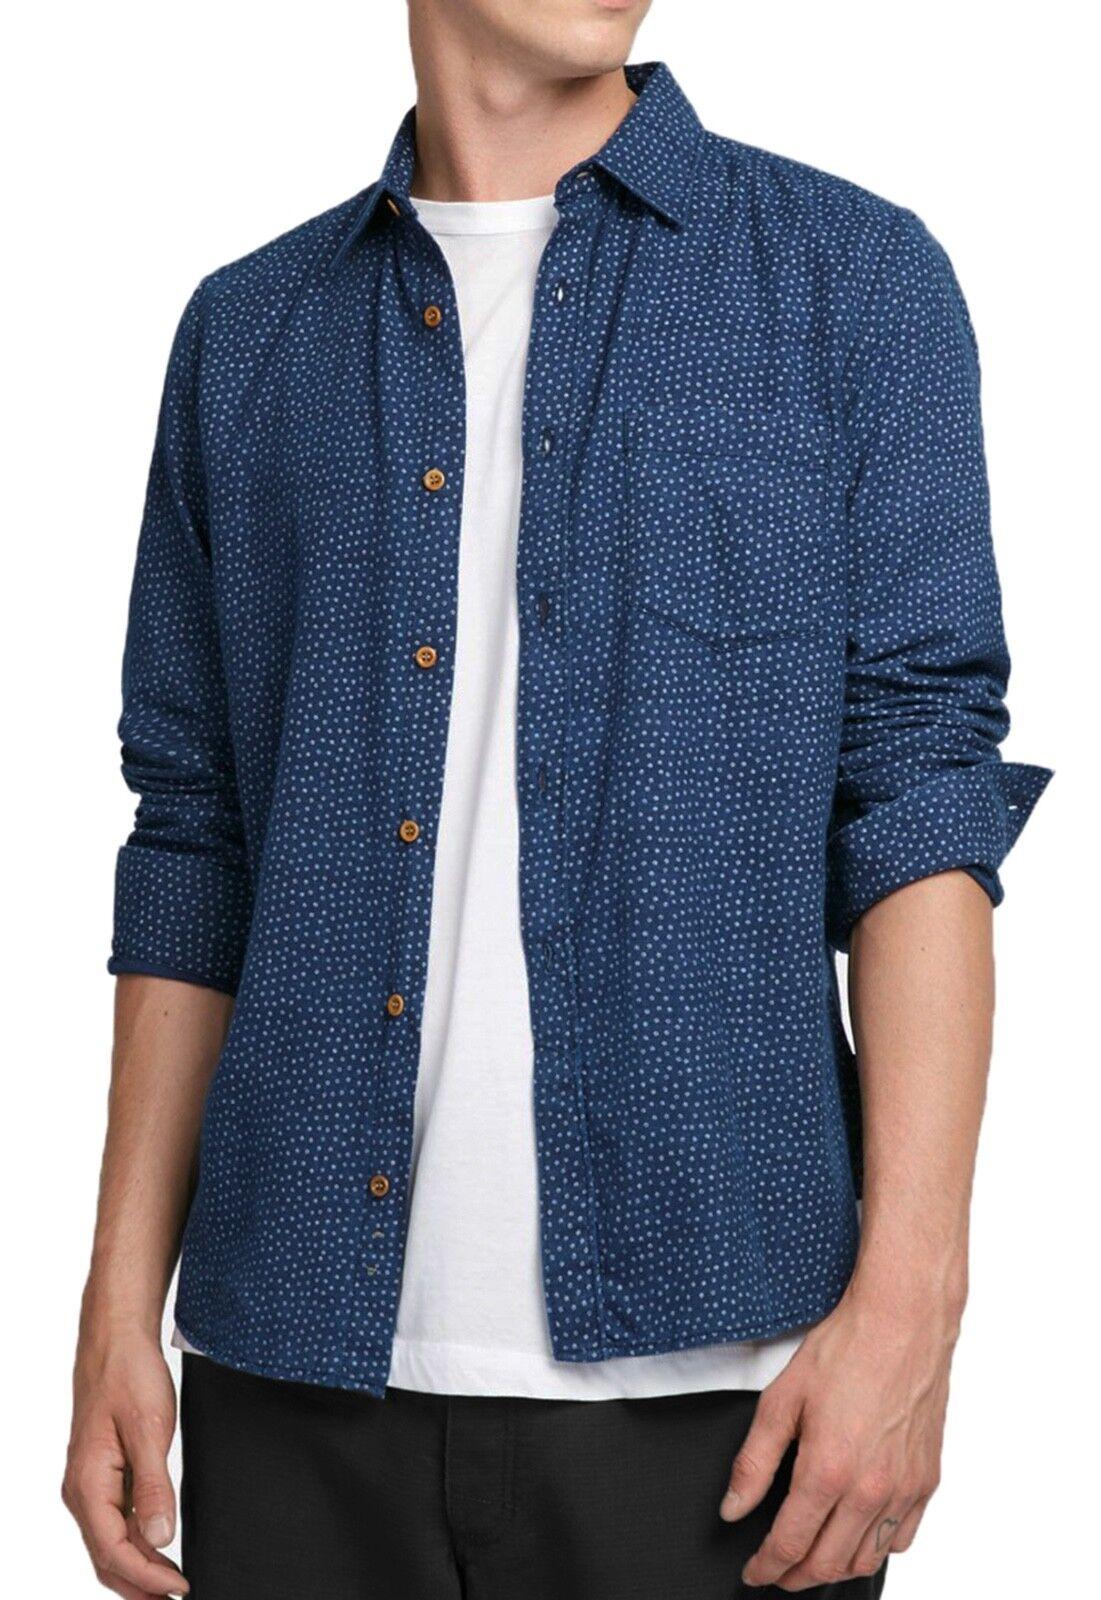 French Connection Manica Lunga Camicie Nuove BLU SLIM FIT camicia di cotone stampa floreale